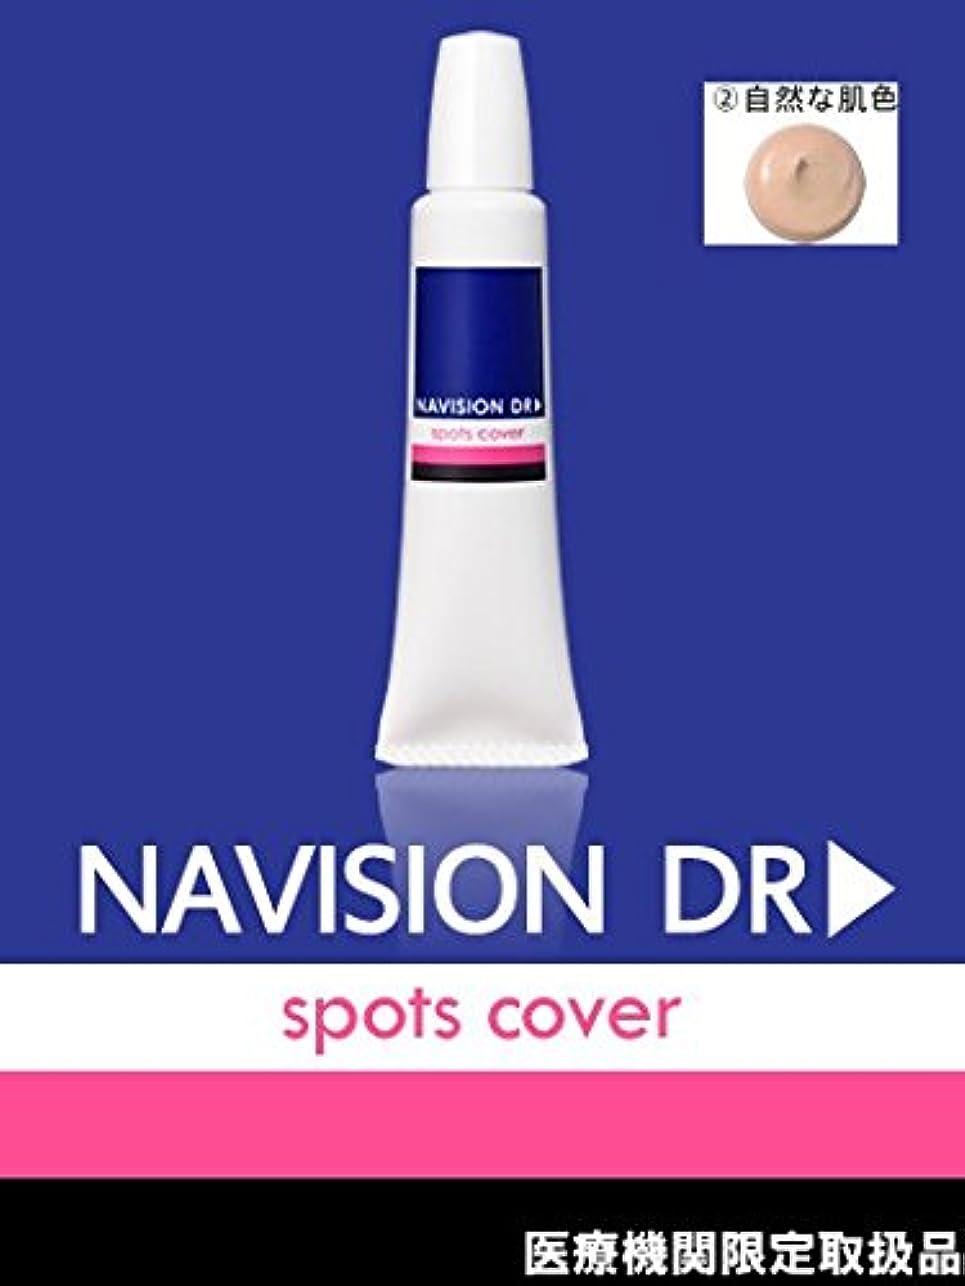 デンマーク語埋める素晴らしいですNAVISION DR? ナビジョンDR スポッツカバー ②自然な肌色 SPF40?PA+++【医療機関限定取扱品】